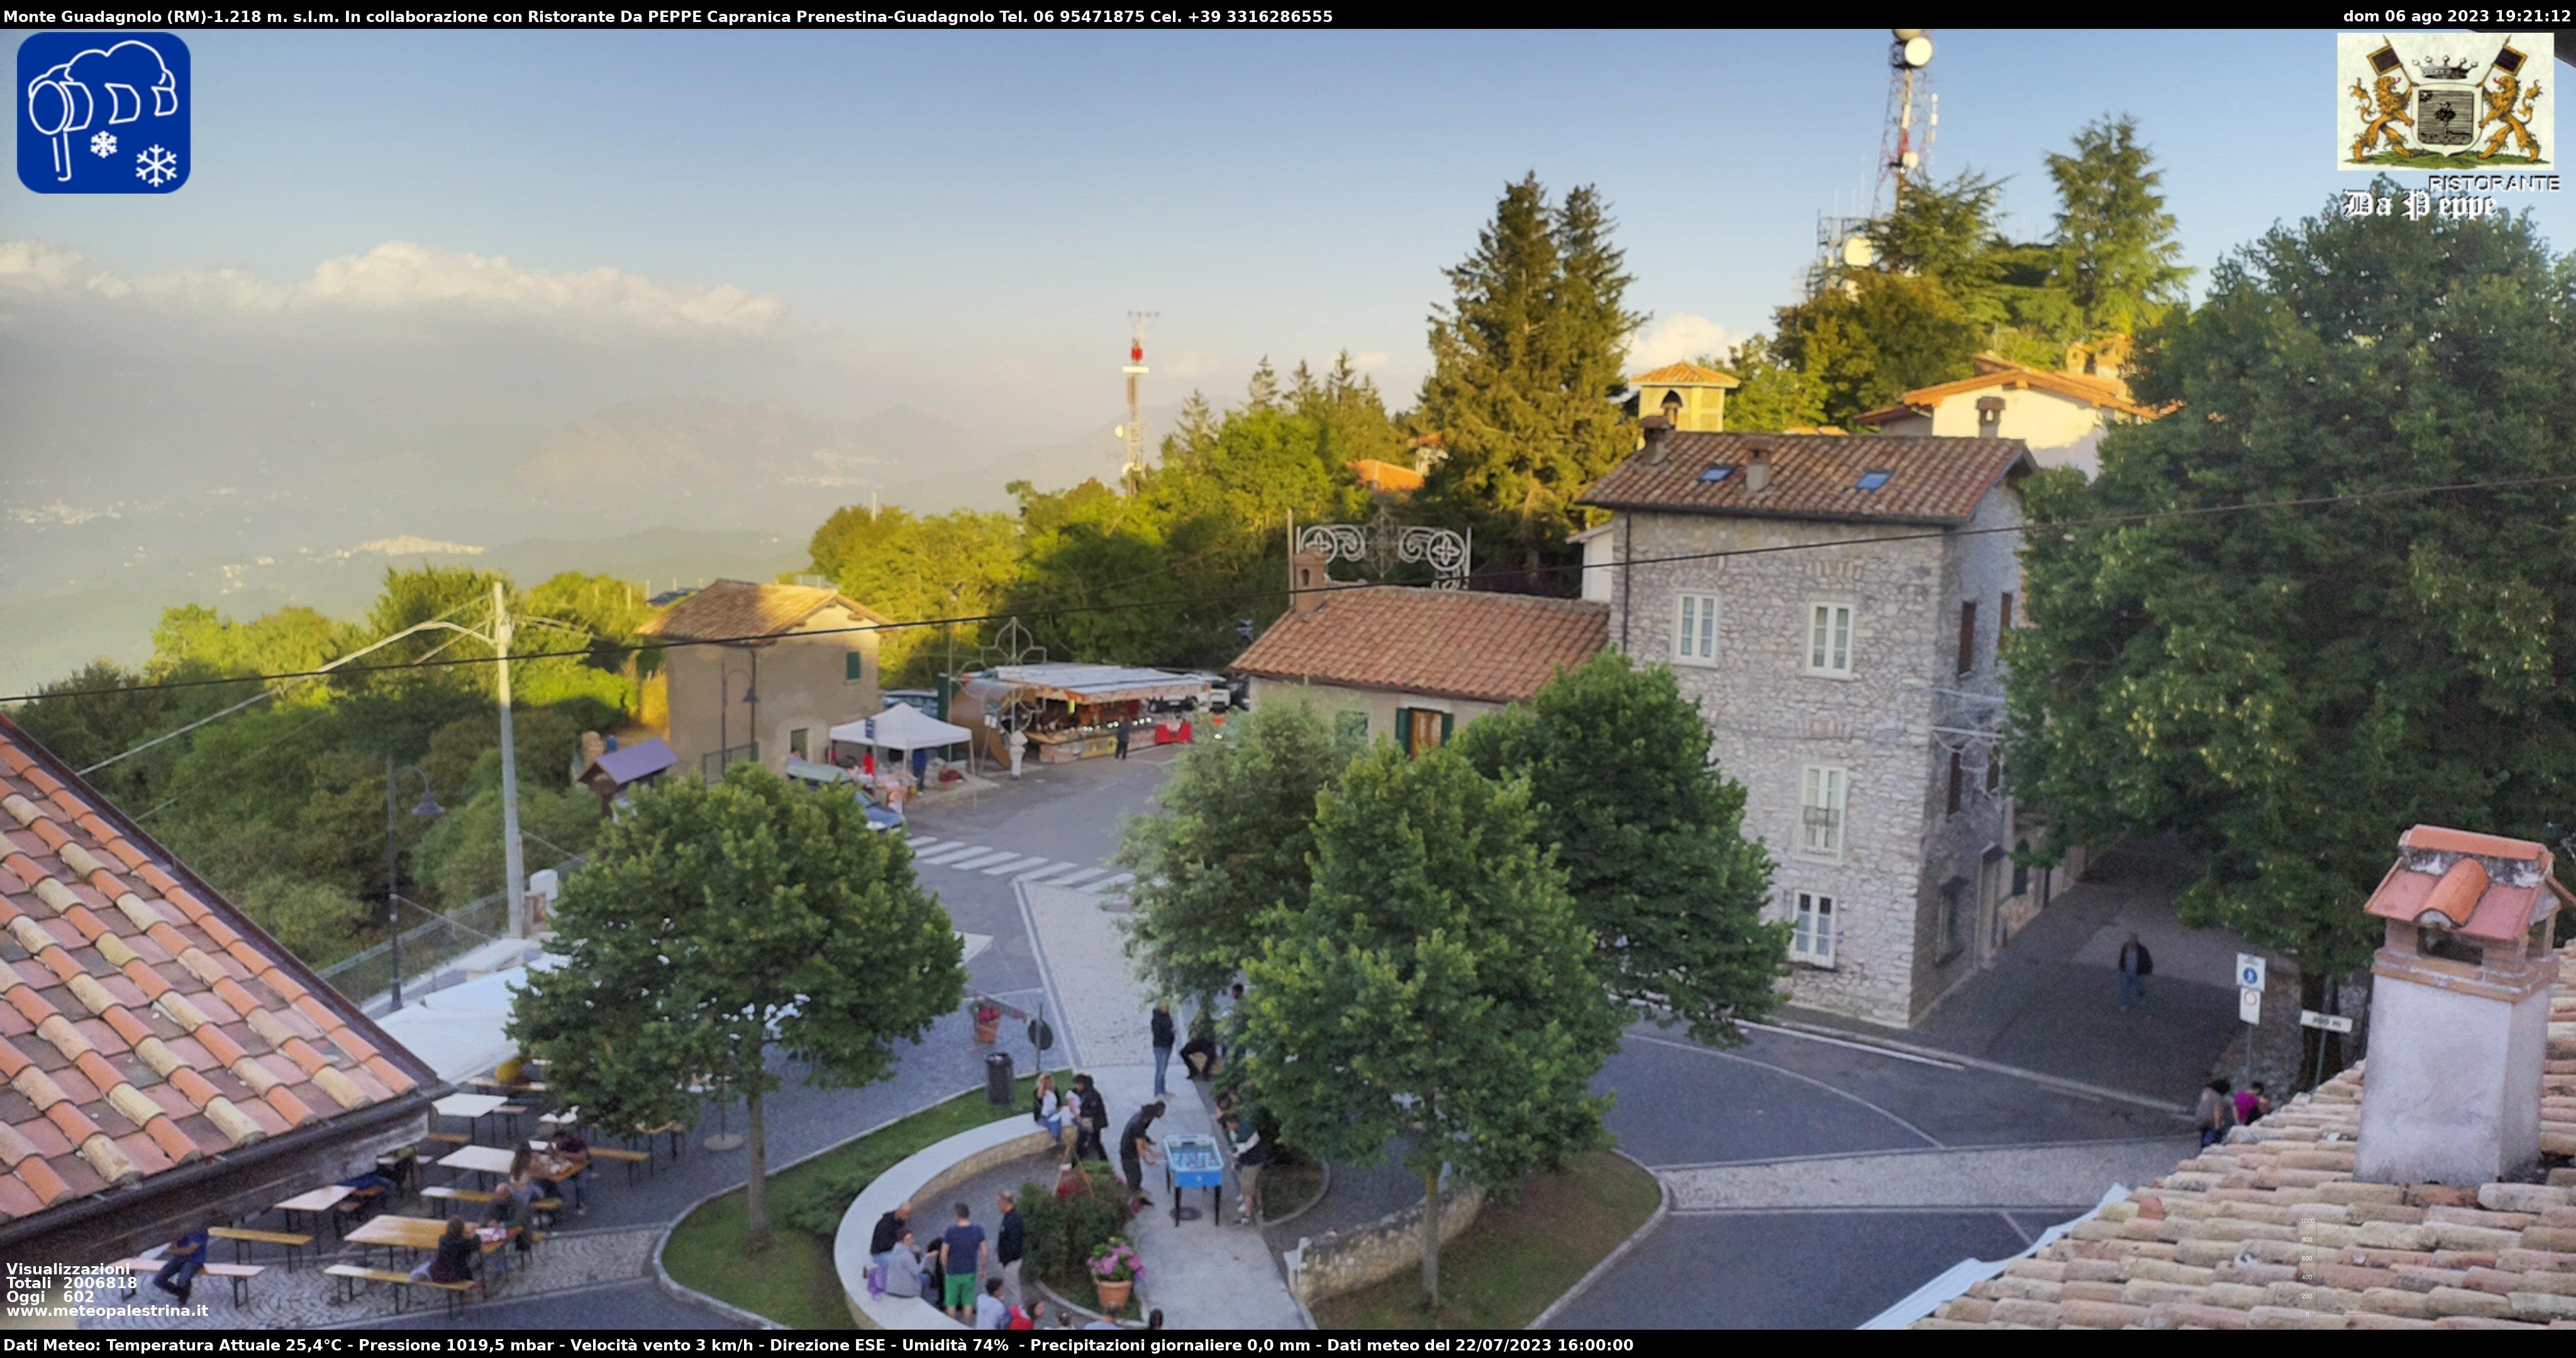 Immagini live da Monte Guadagnolo - http://www.meteopalestrina.it